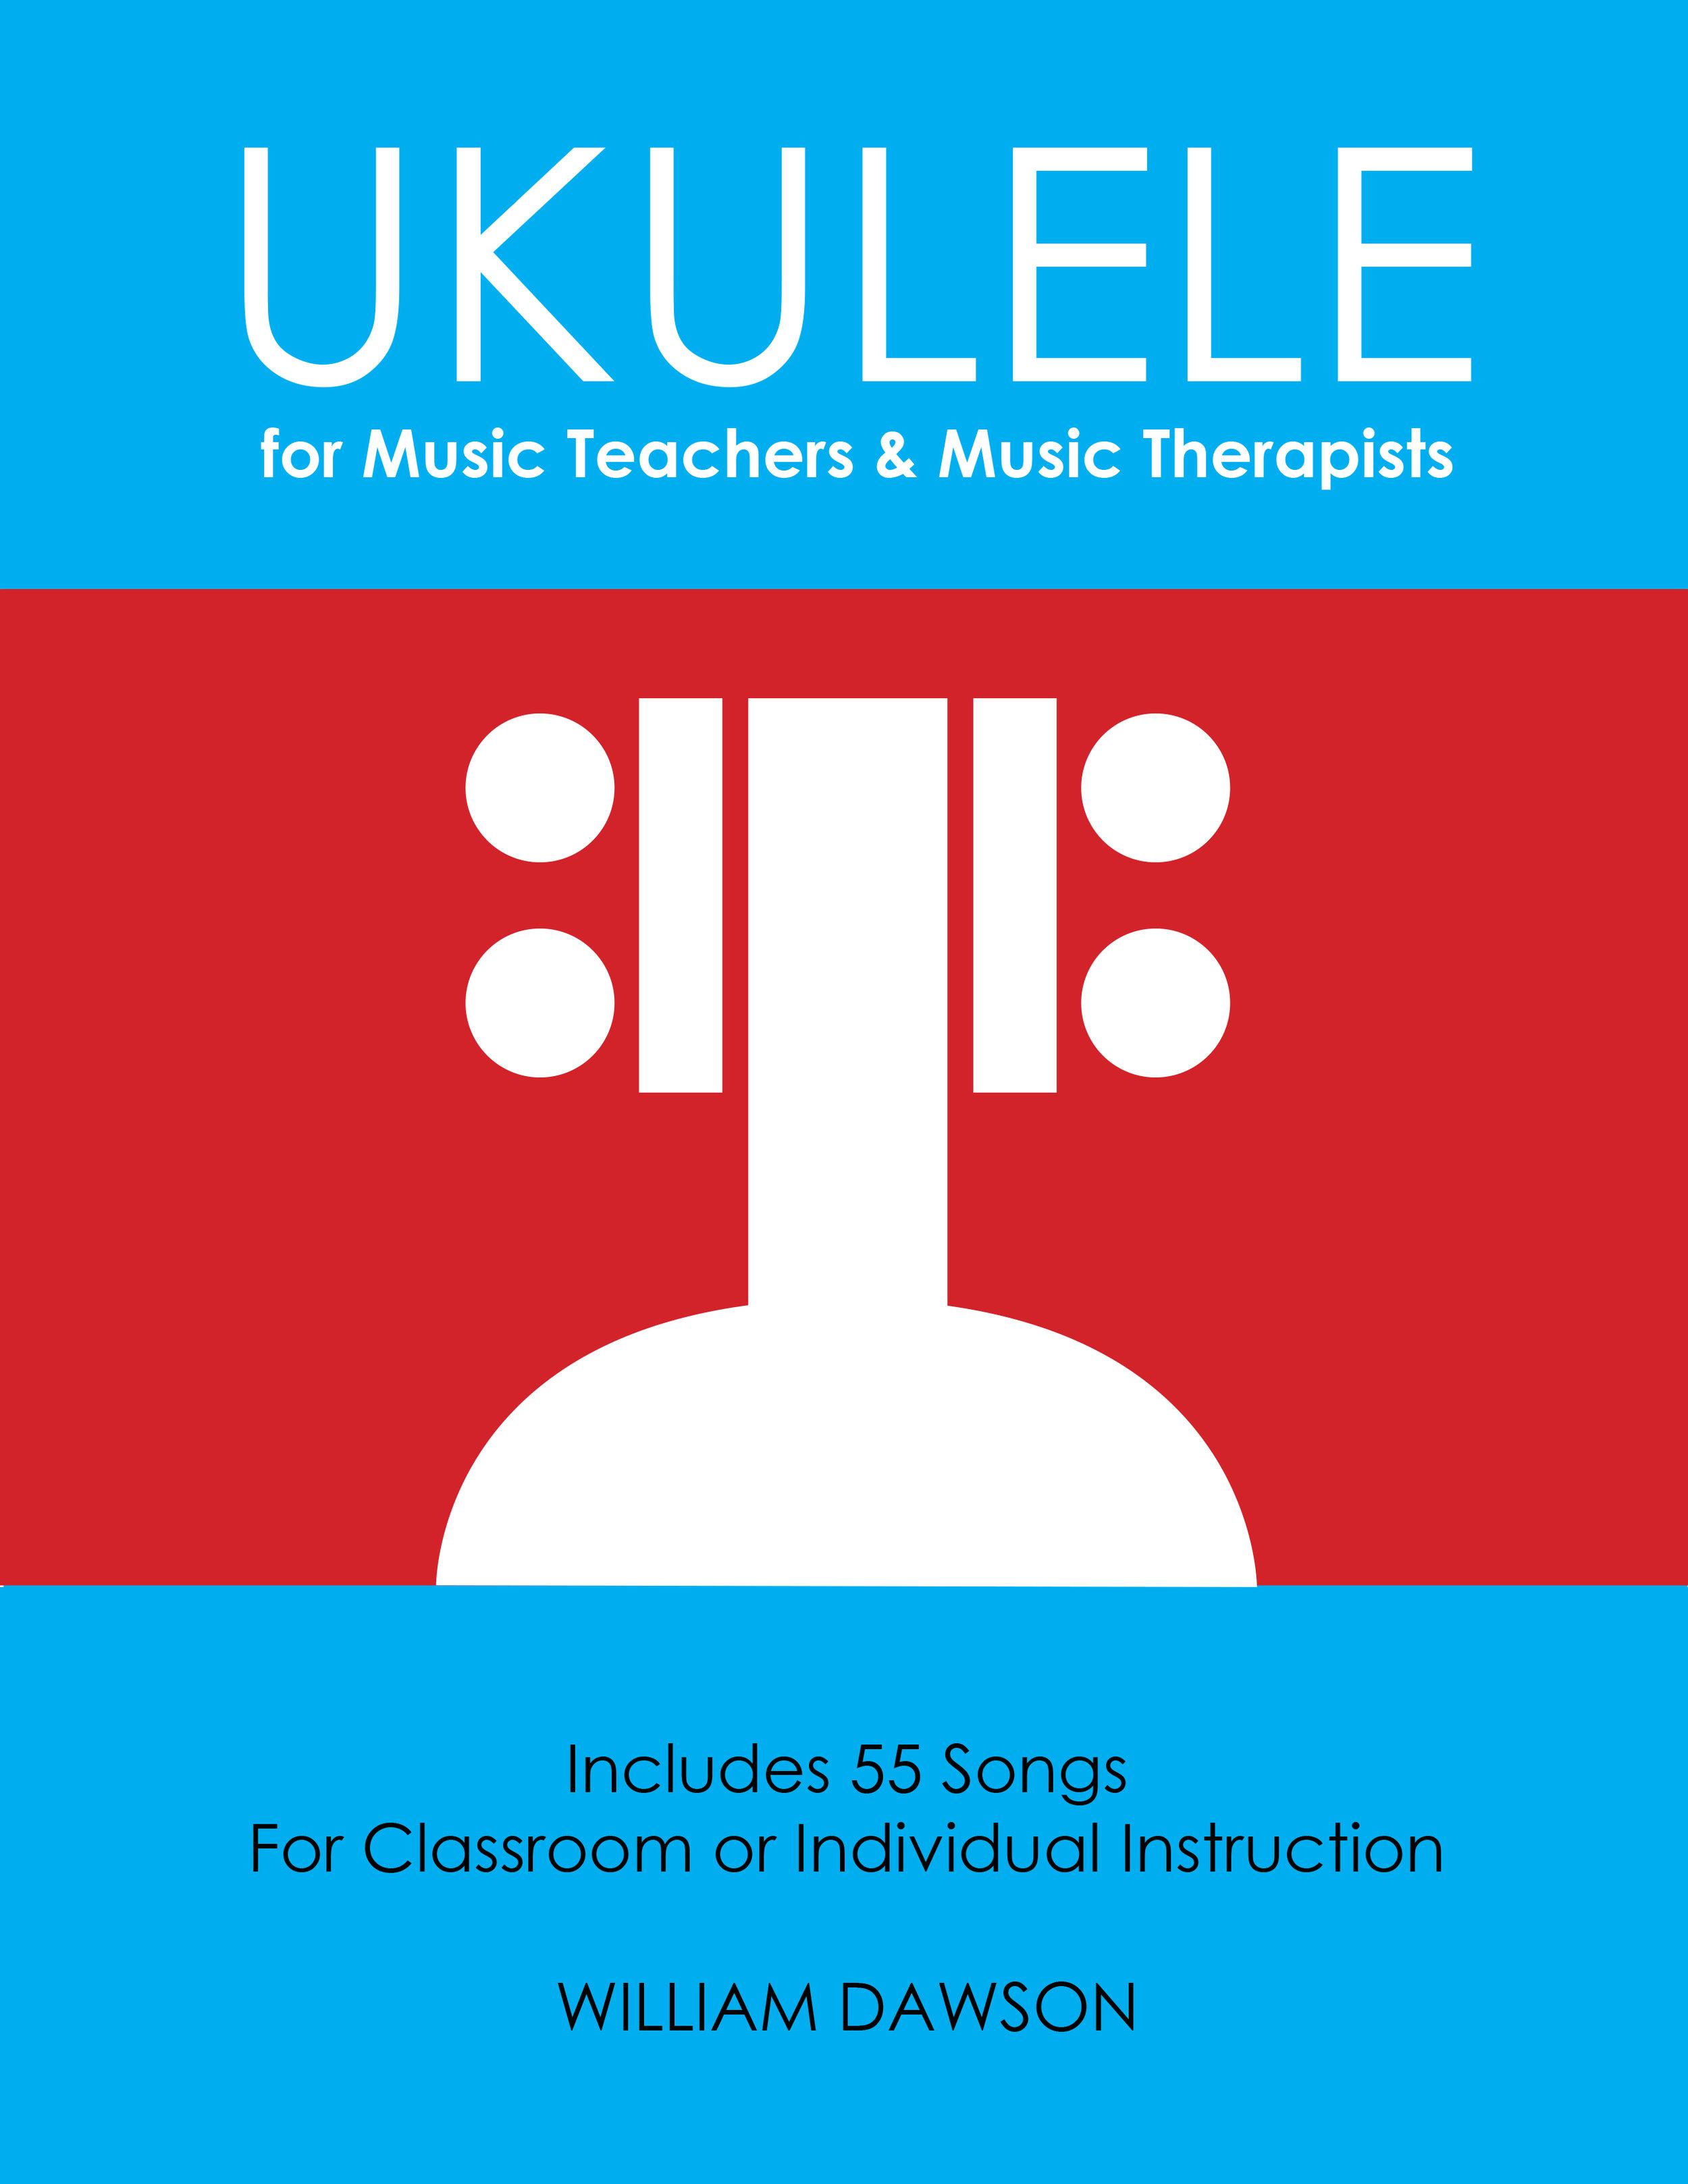 UKULELE_Final Cover.jpg